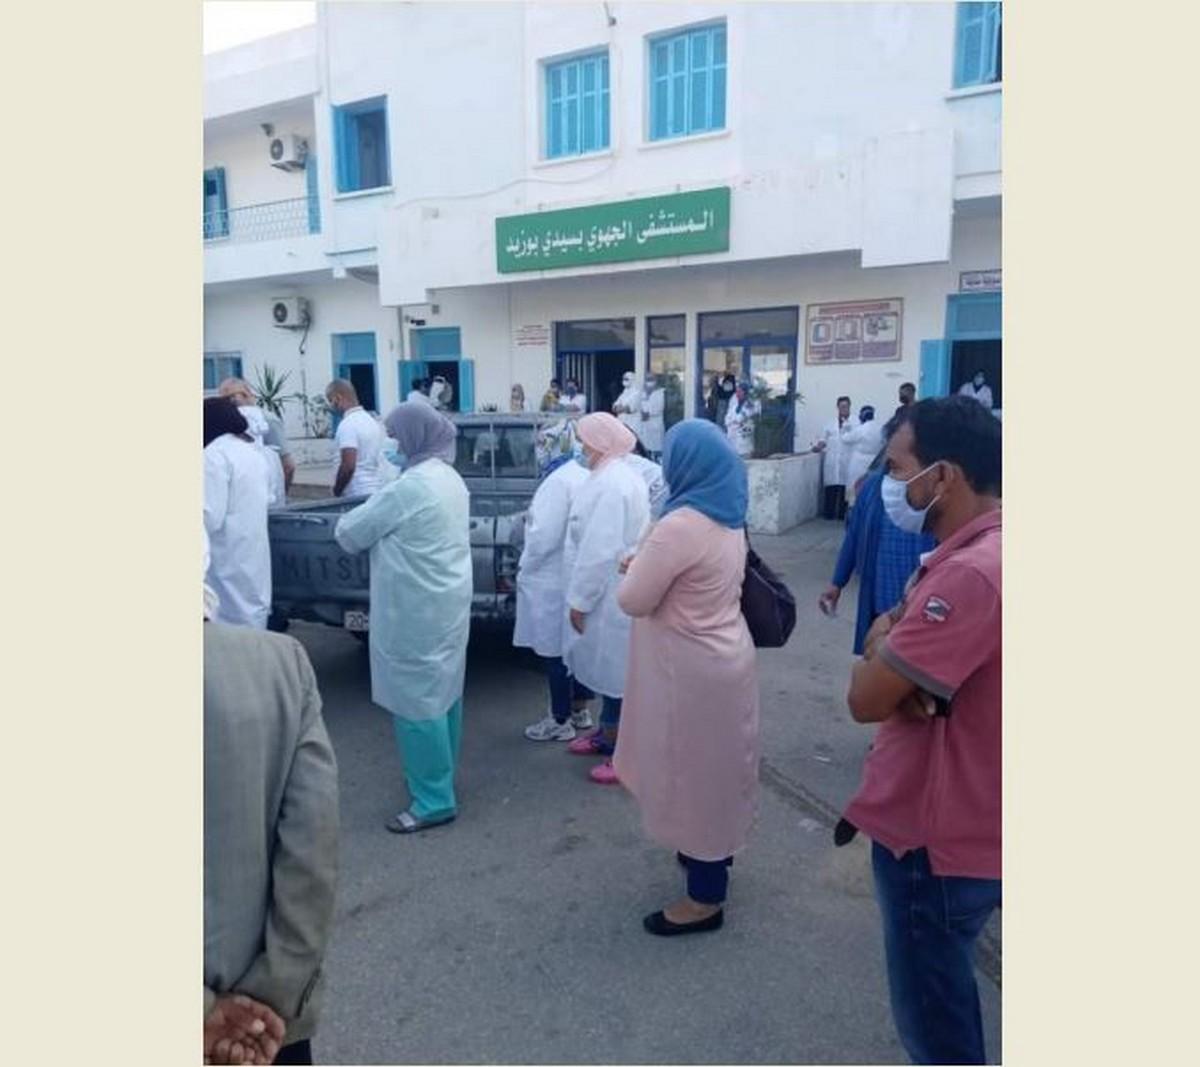 سيدي بوزيد: تسجيل 9 إصابات بفيروس كورونا في صفوف الإطارات الطبية وشبه الطبية